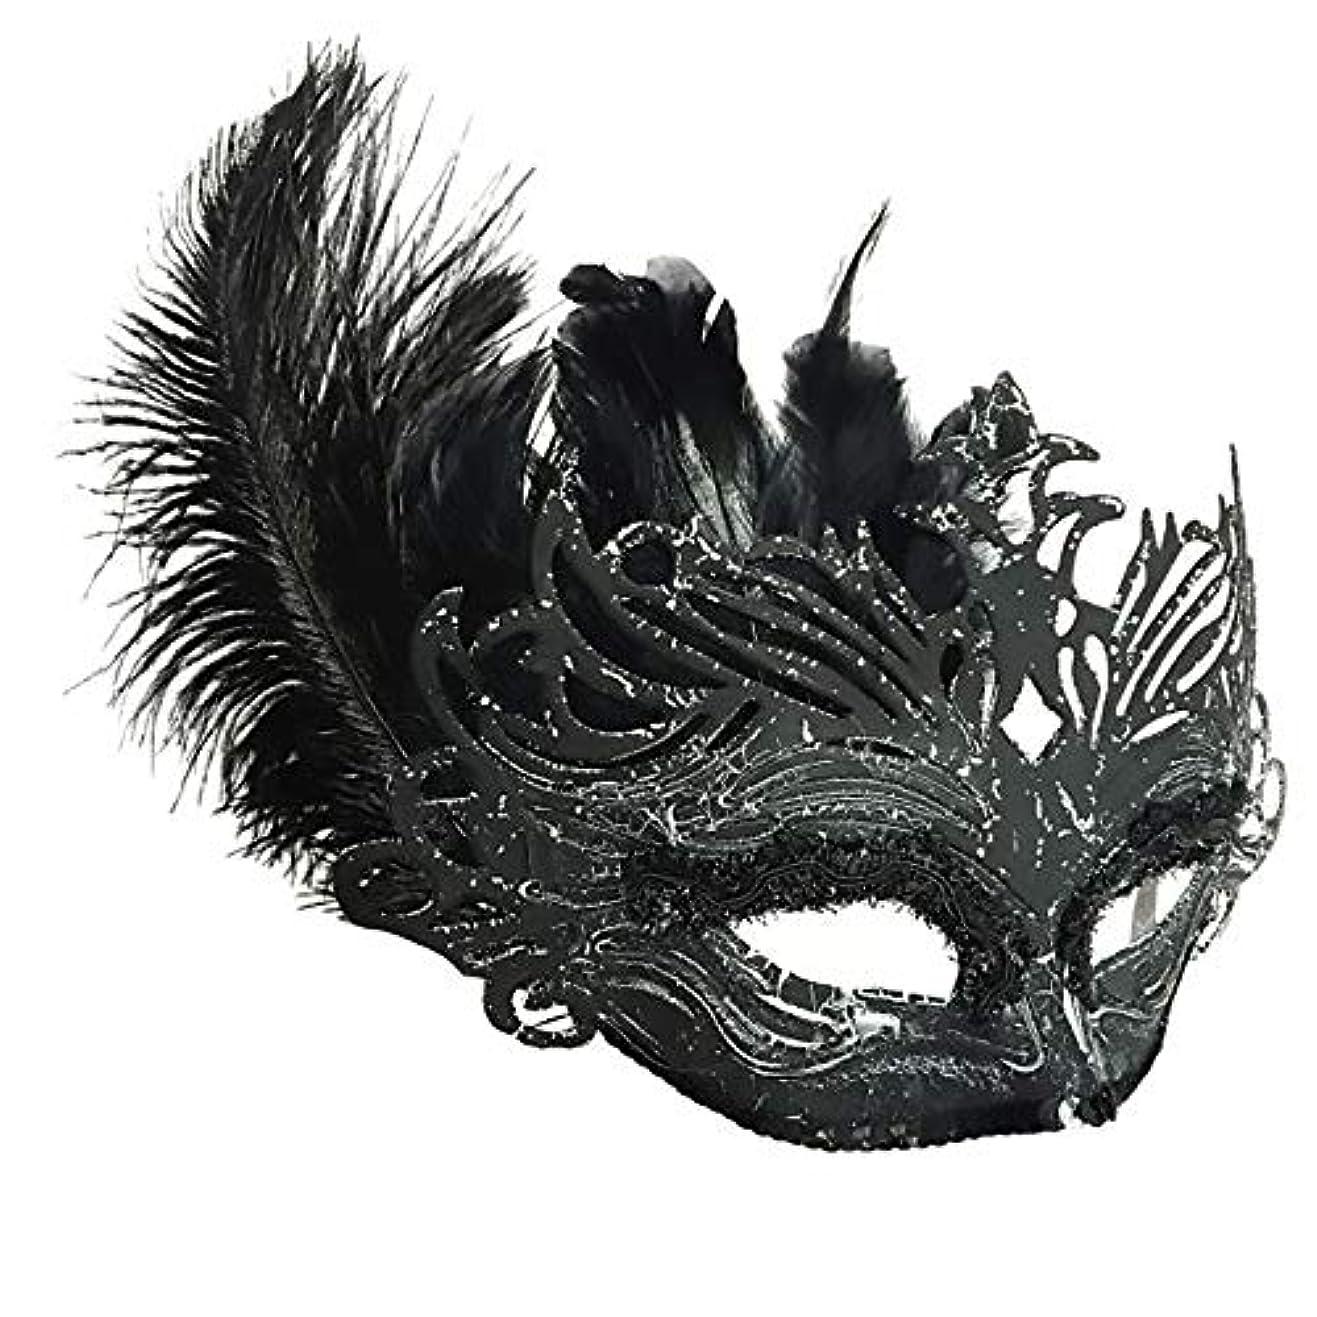 繁栄するメンタル弱点Nanle Halloween Ornate Blackコロンビーナフェザーマスク (色 : 黒)